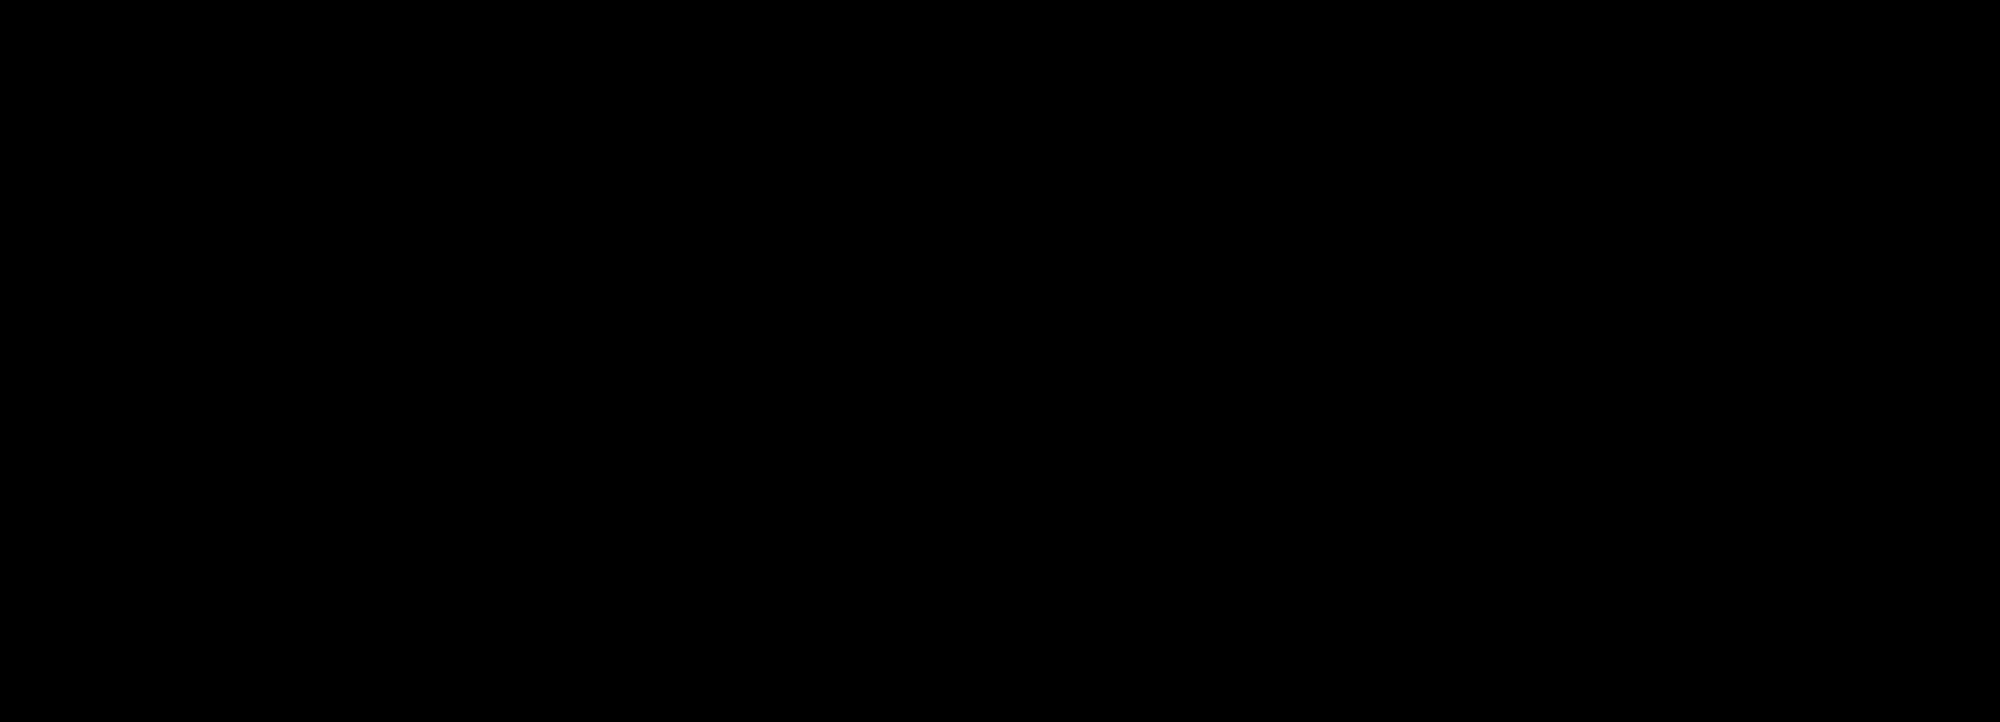 Die Strukturformel der Aminosäure L-Arginin